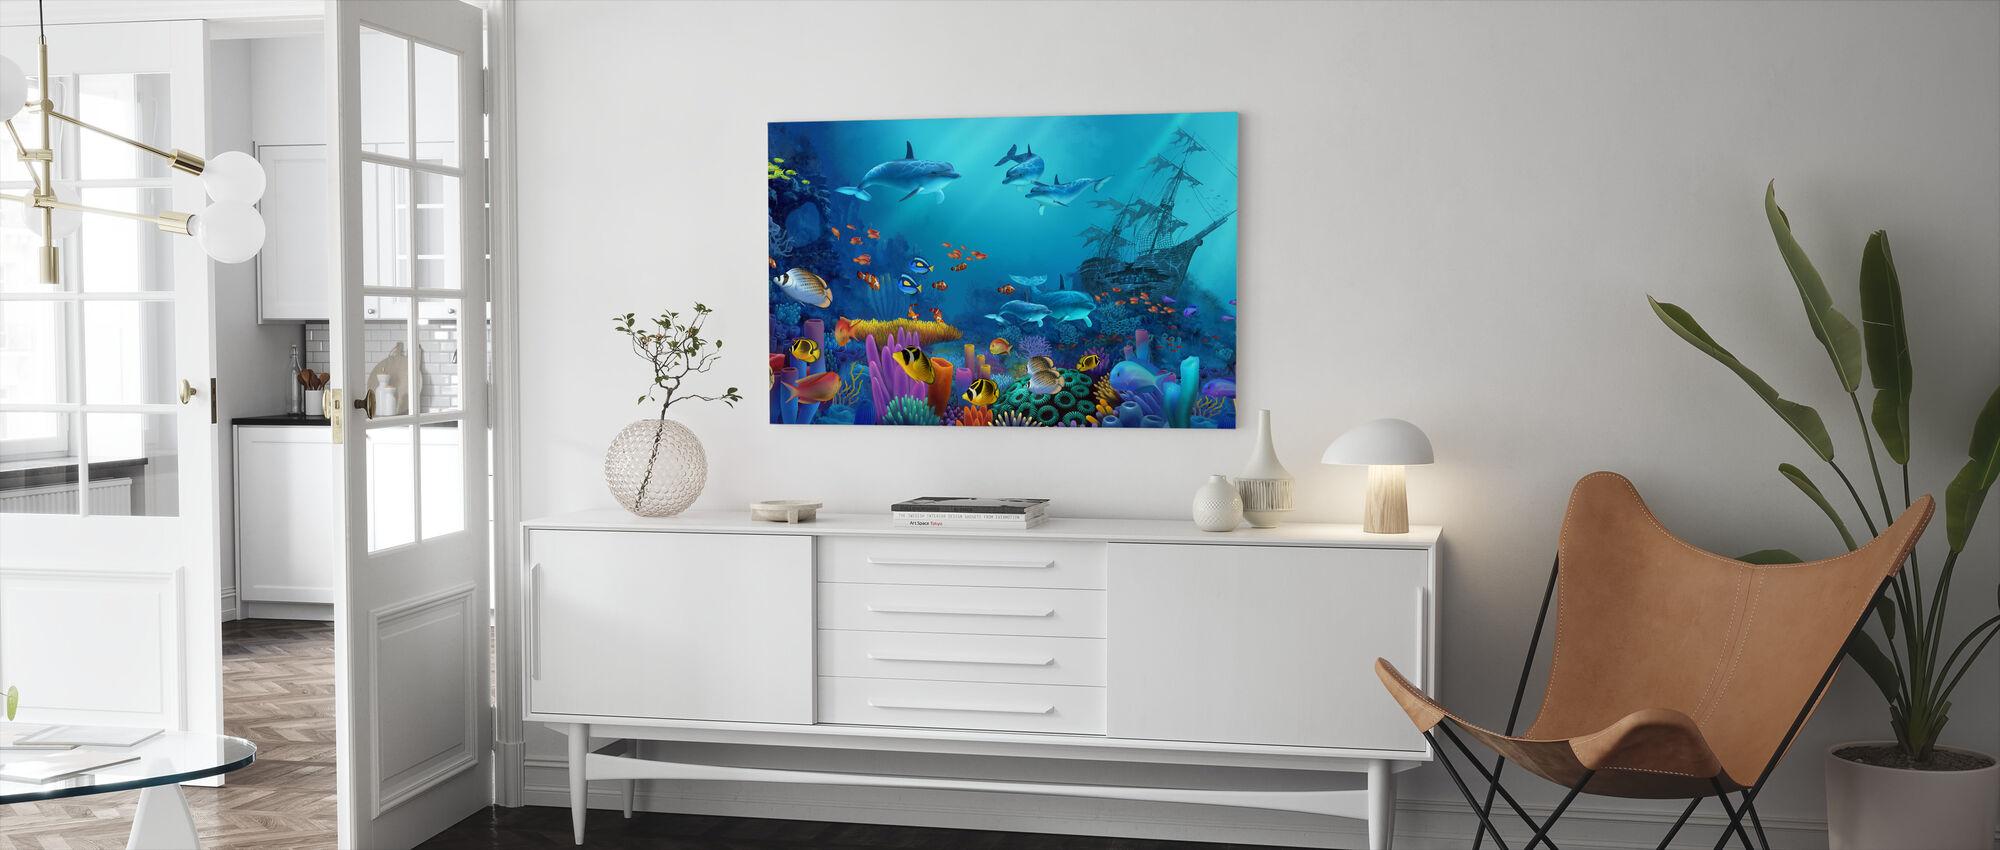 Ocean färger - Canvastavla - Vardagsrum